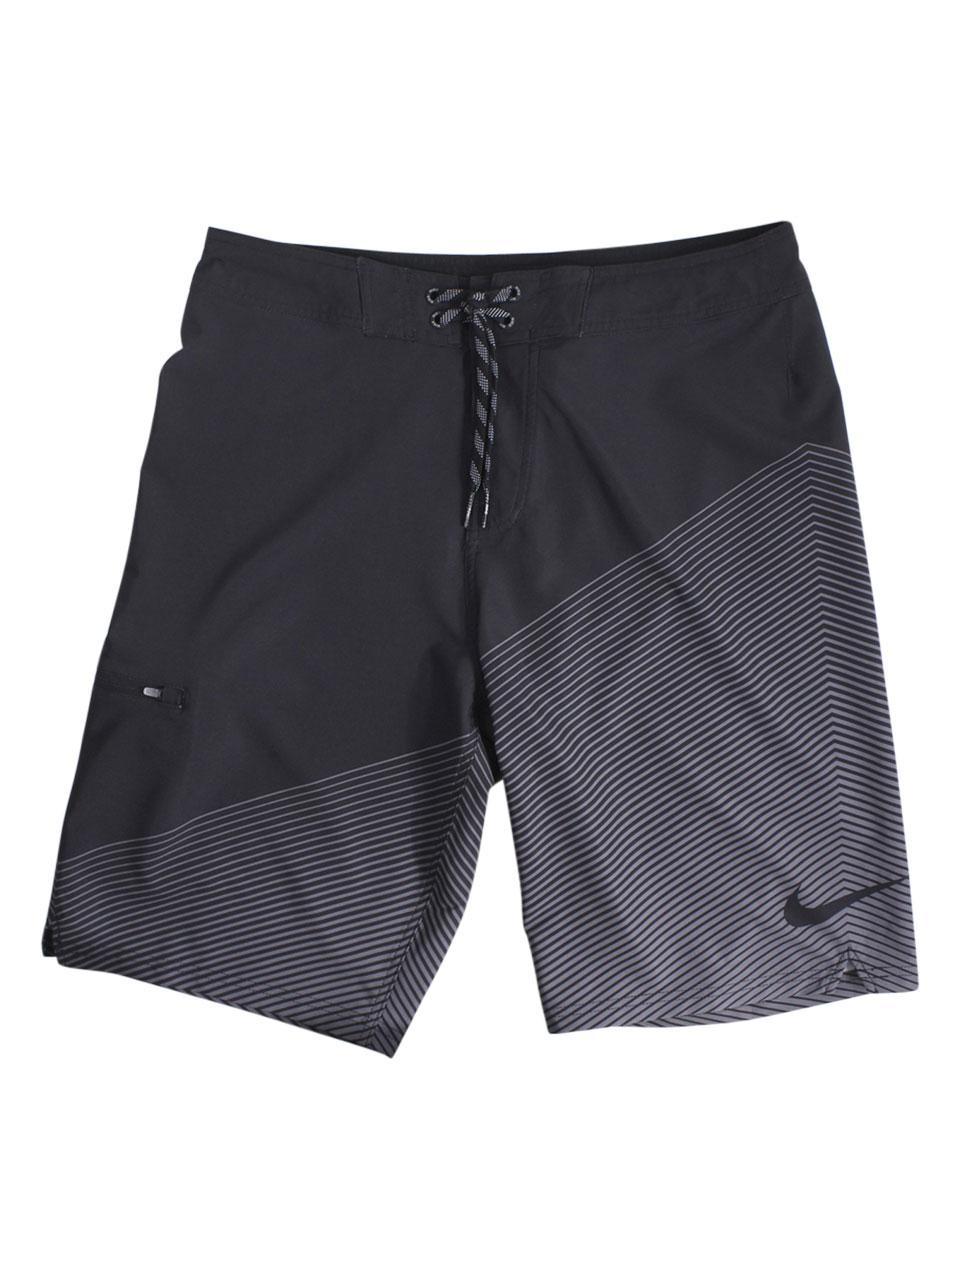 Nike Men's Jackknife 11-Inch Boardshorts Swimwear